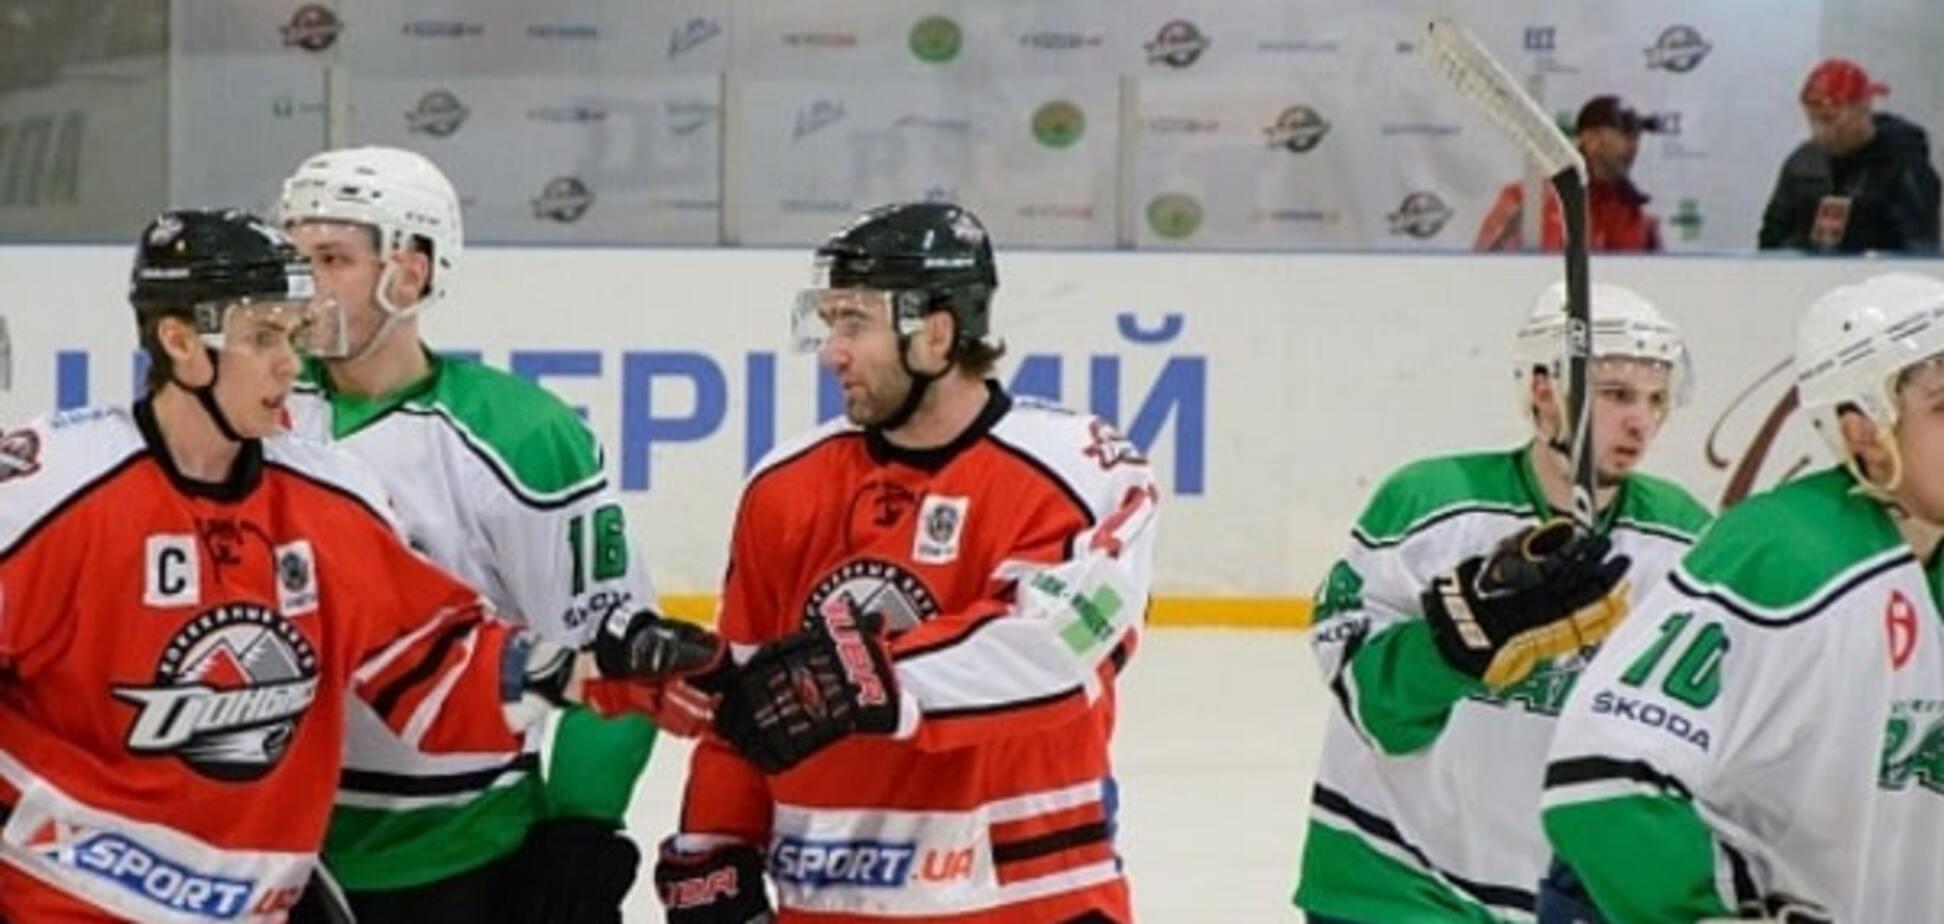 ХК 'Донбасс' блестяще выиграл регулярный чемпионат